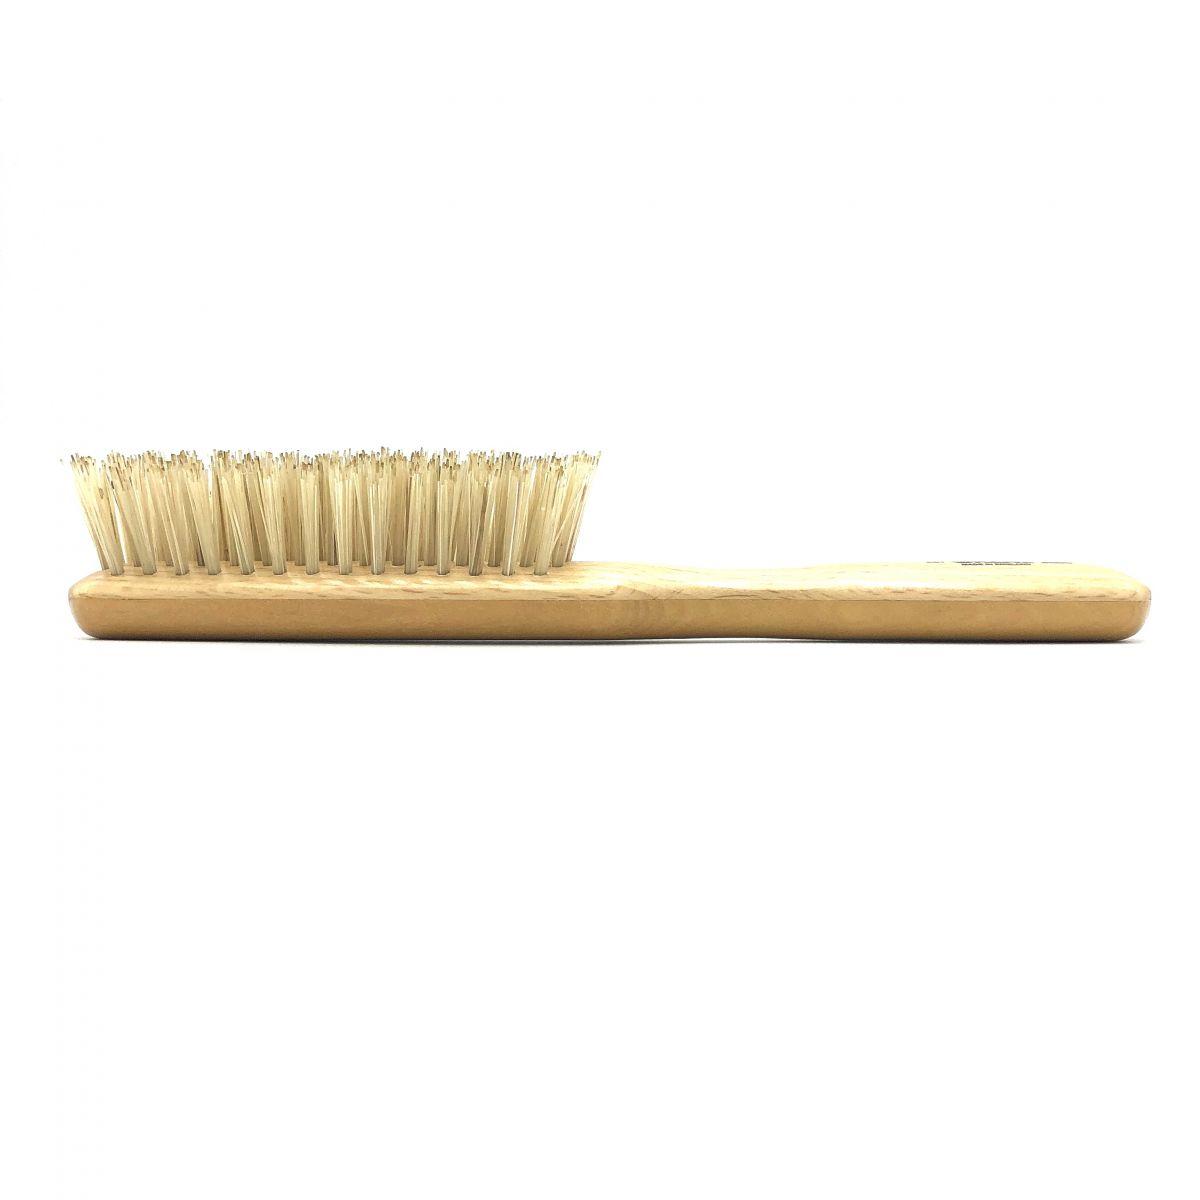 Haarbürste schmal mit extra festen Schweineborsten